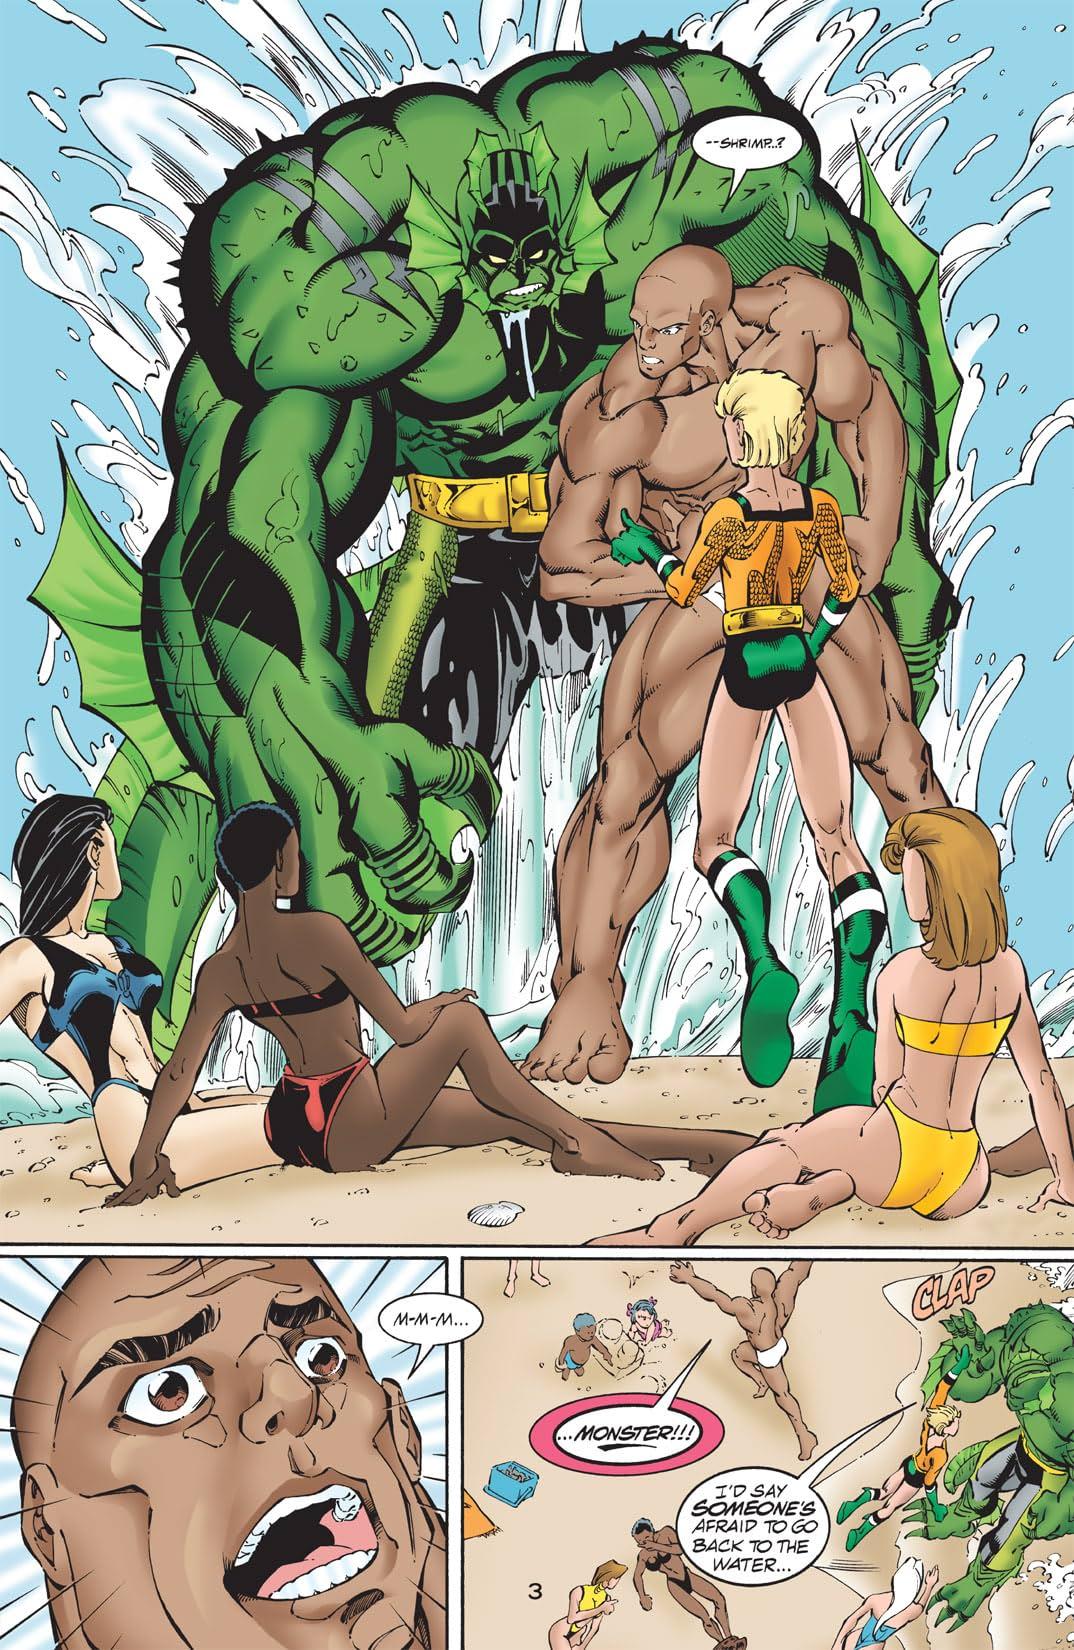 Sins of Youth: Aquaboy and Lagoon Man #1